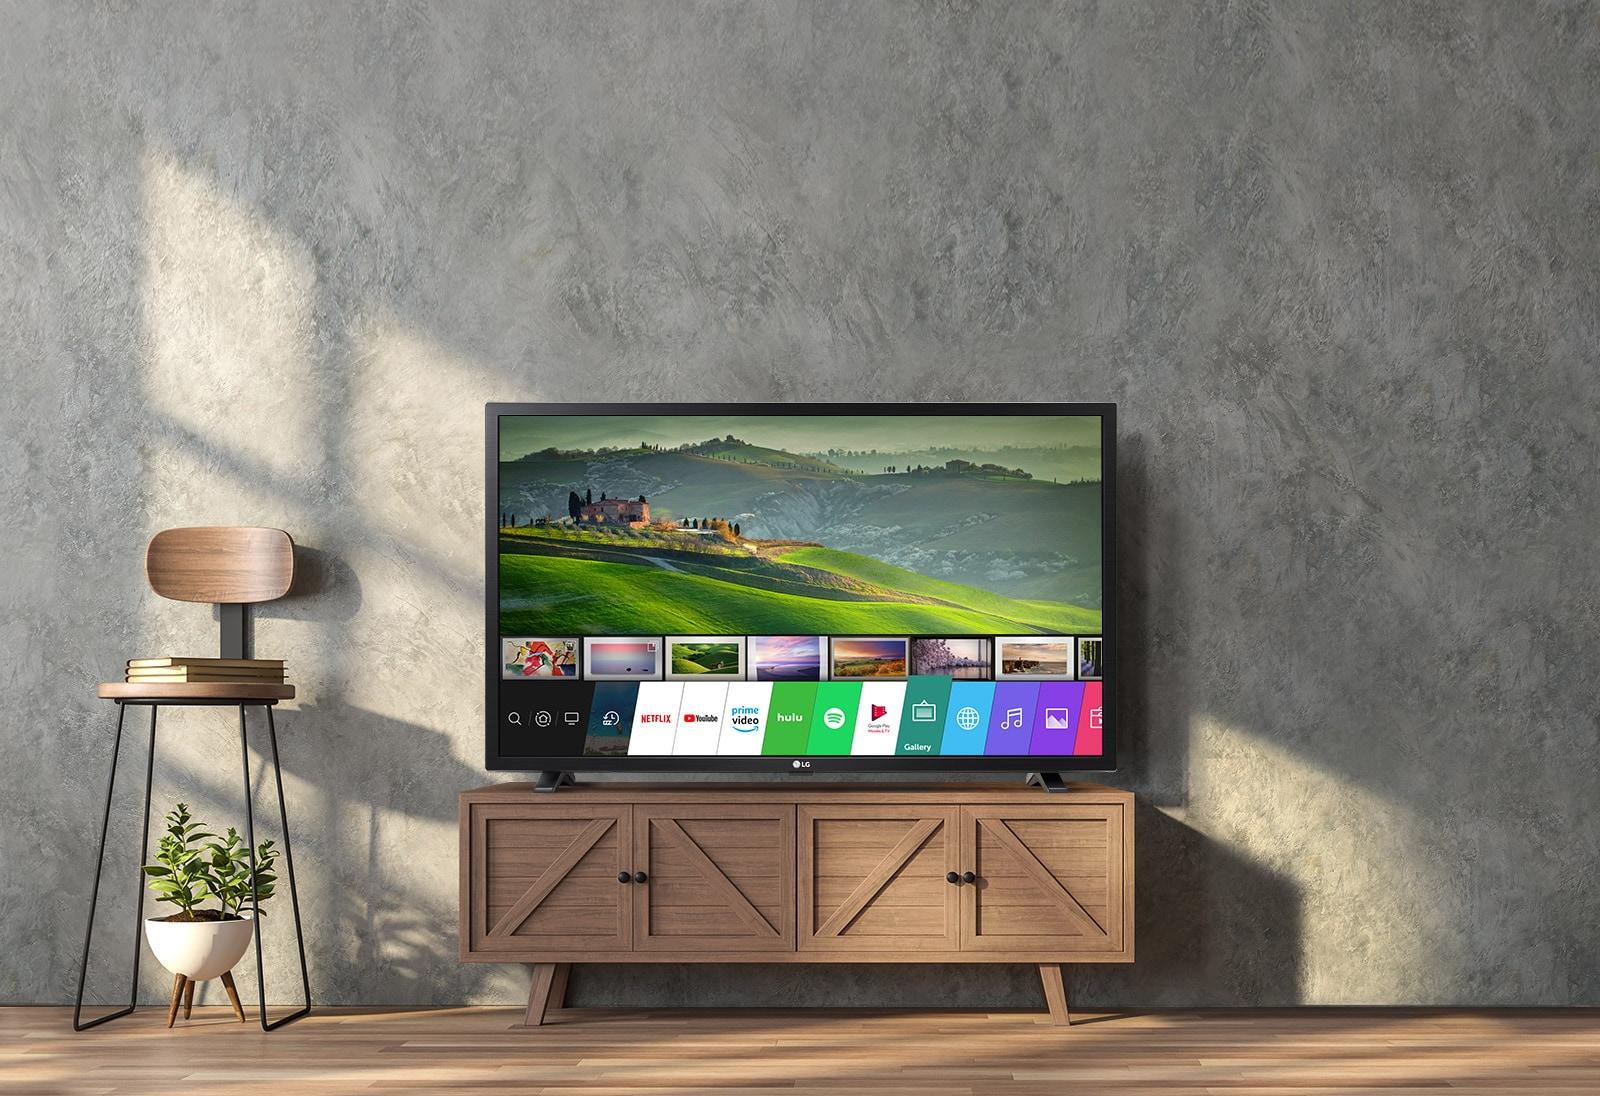 TV-FHD-LM57-A-07-webOS-Smart-TV-Desktop